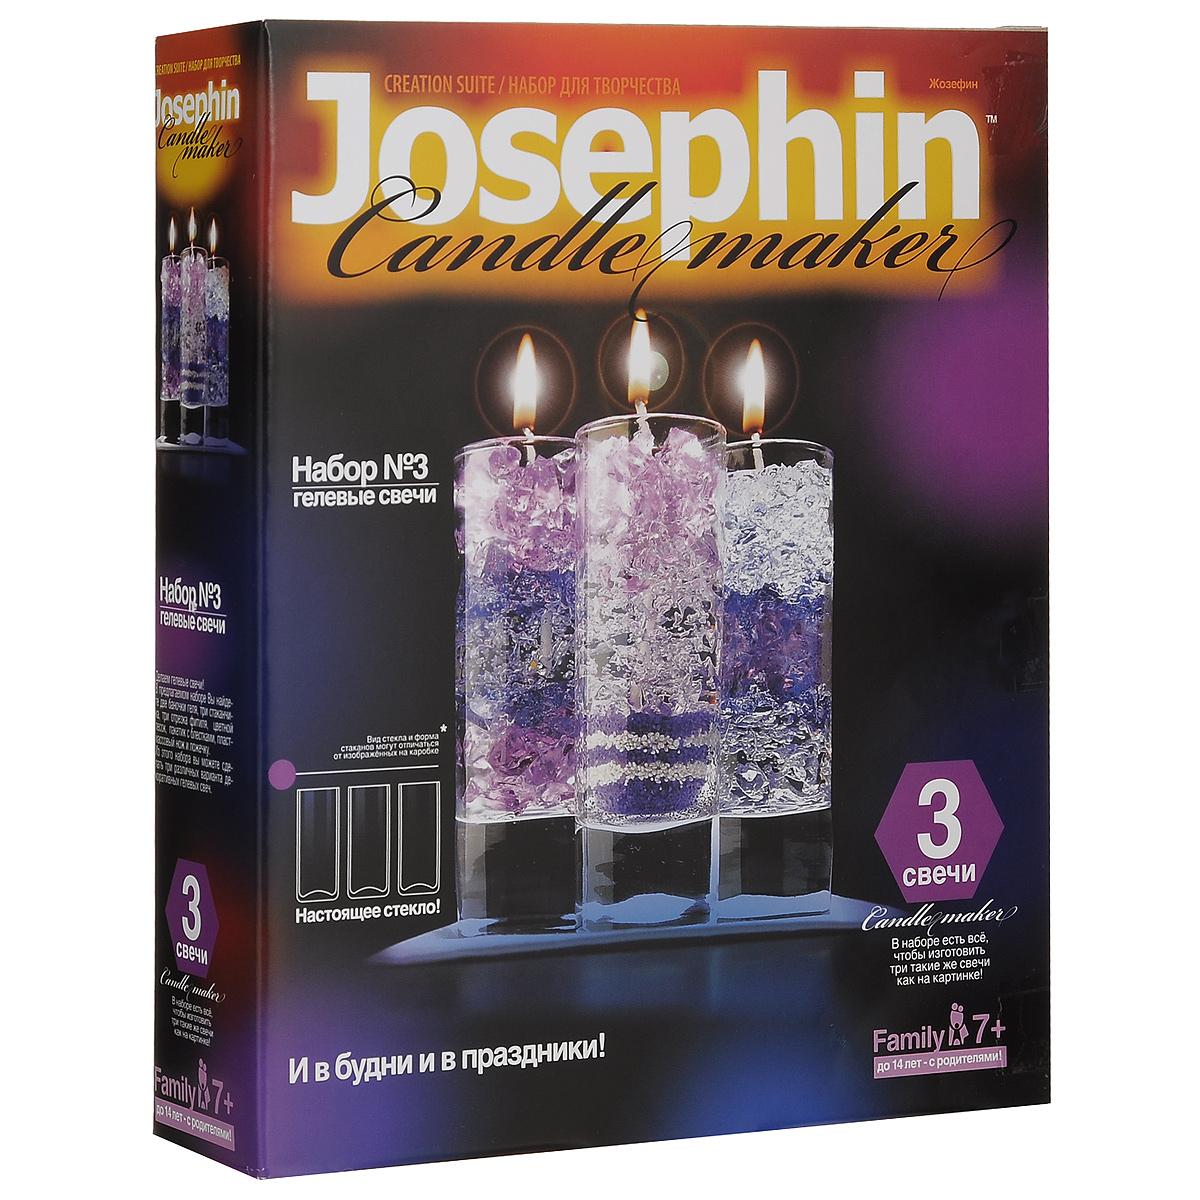 Набор для изготовления гелевых свечей